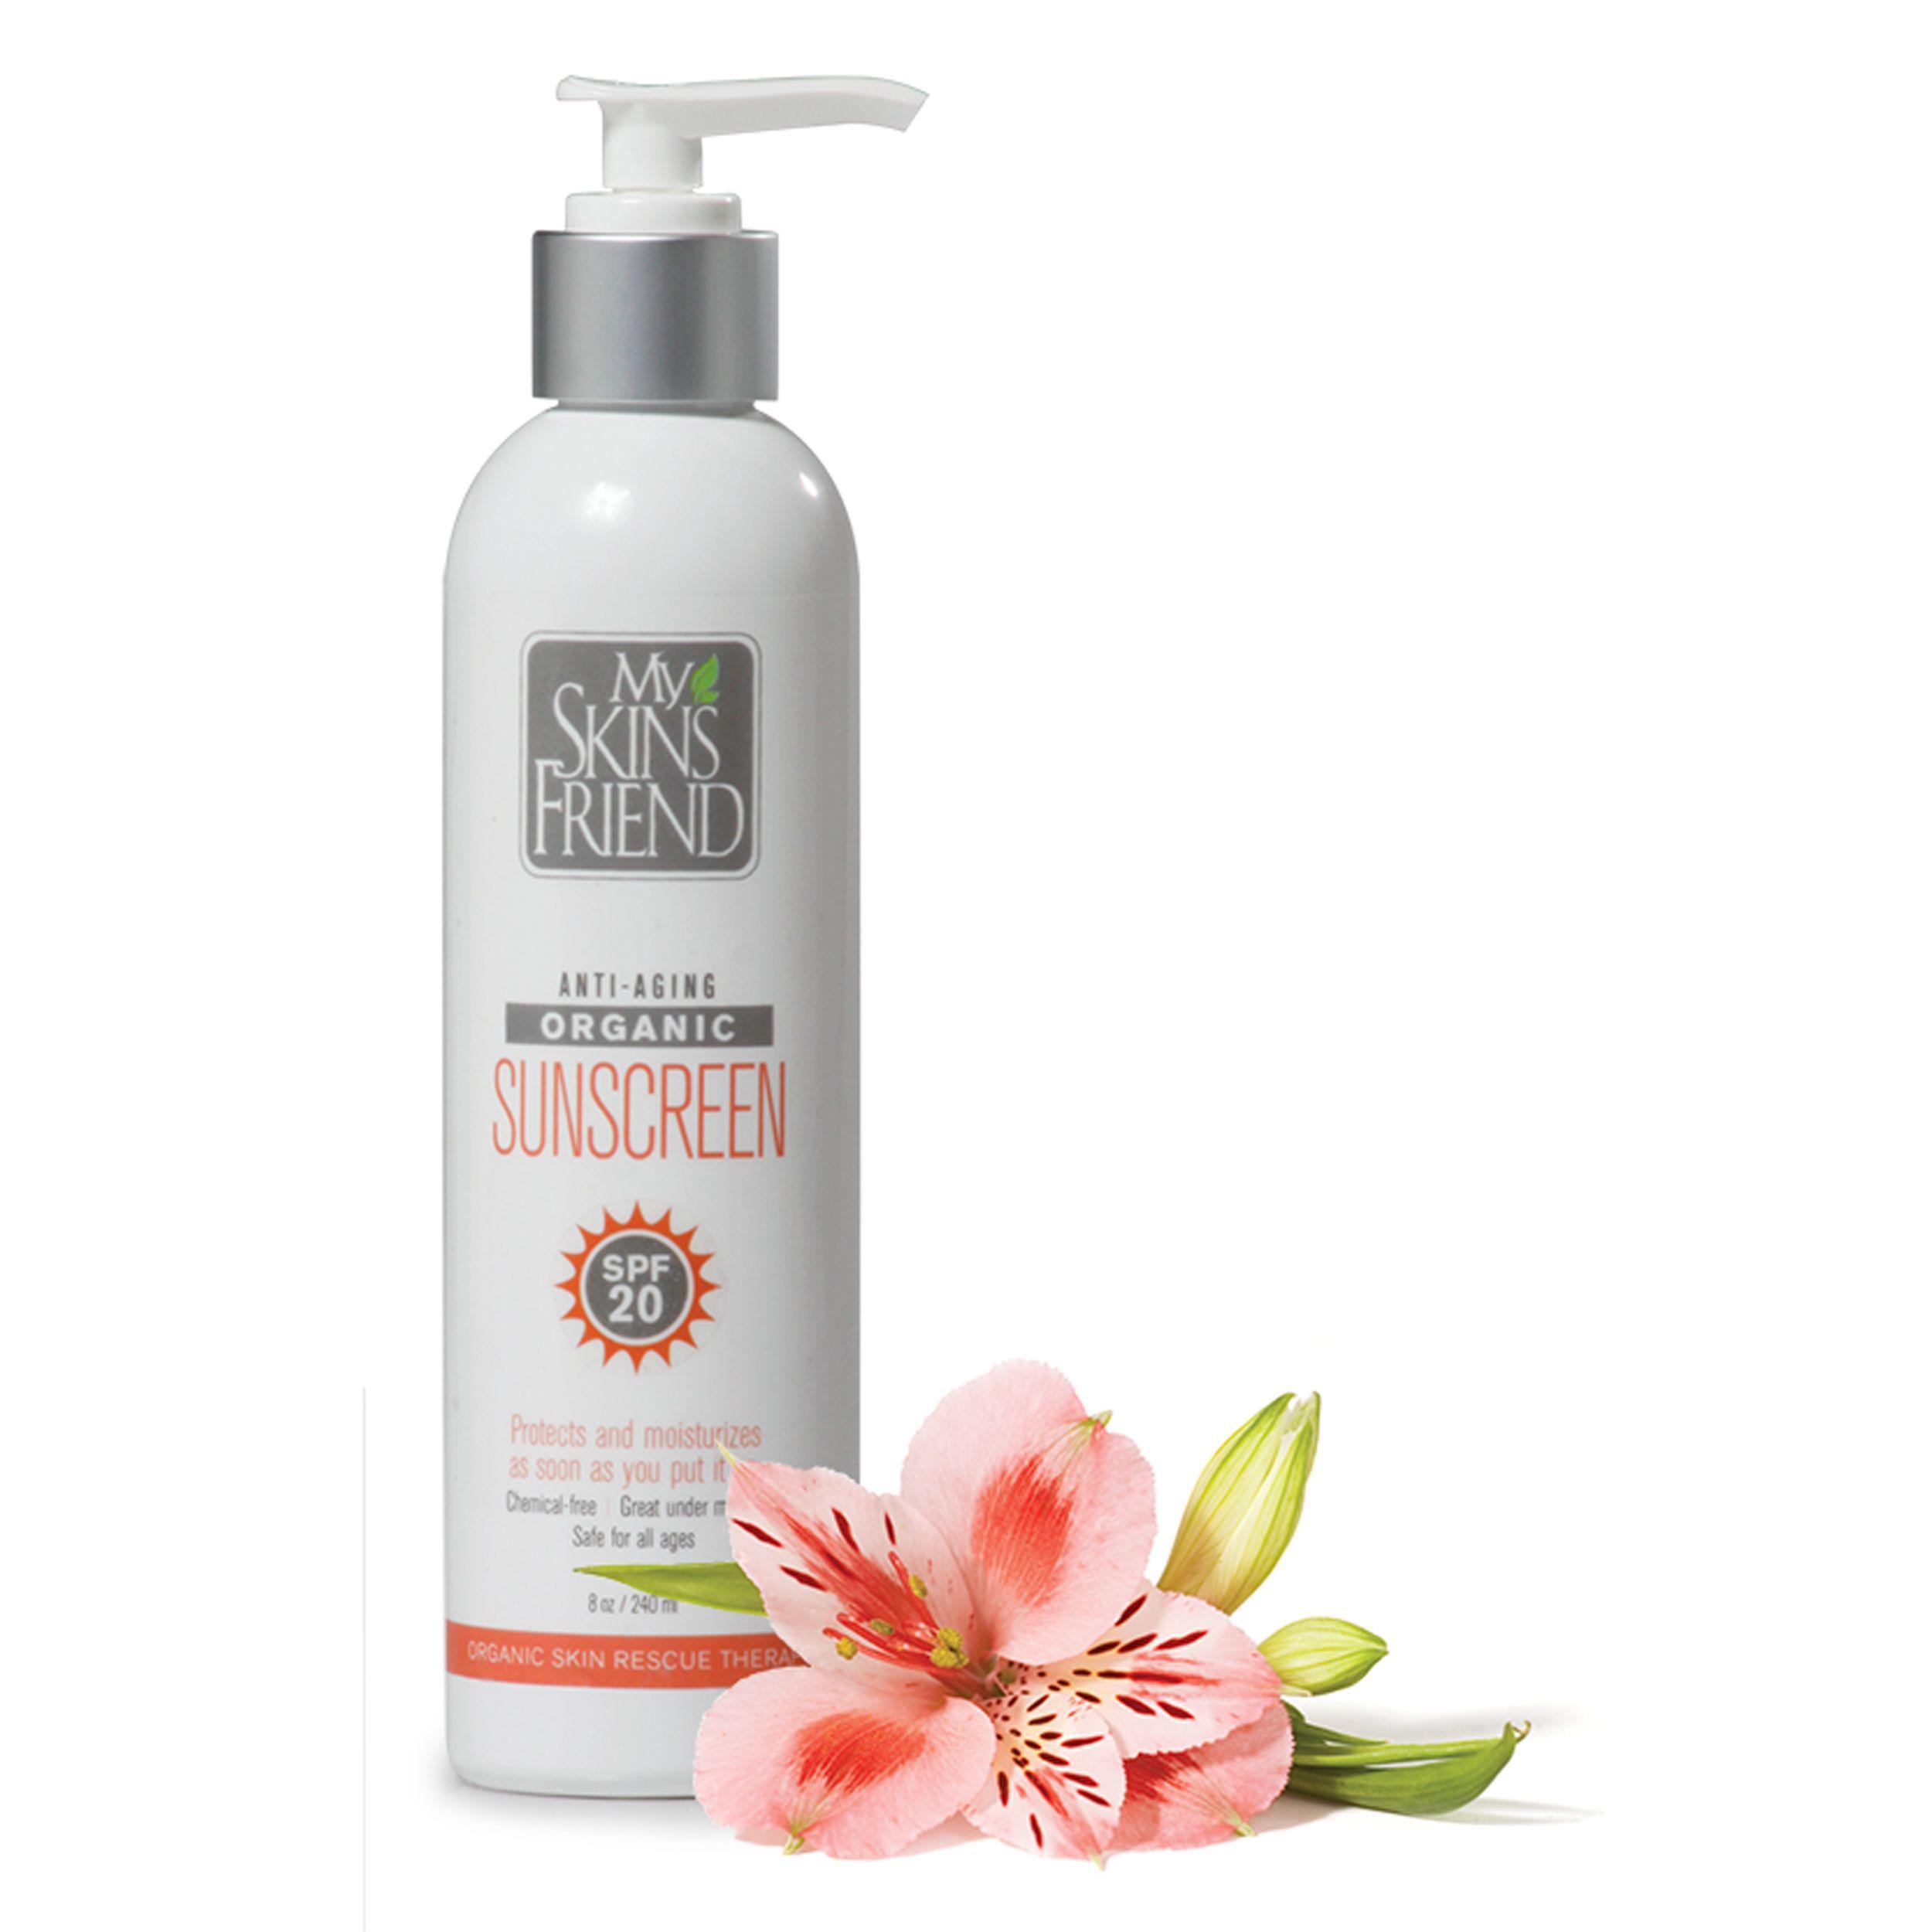 100 Guaranteed Results. NonToxic Organic Sunscreen